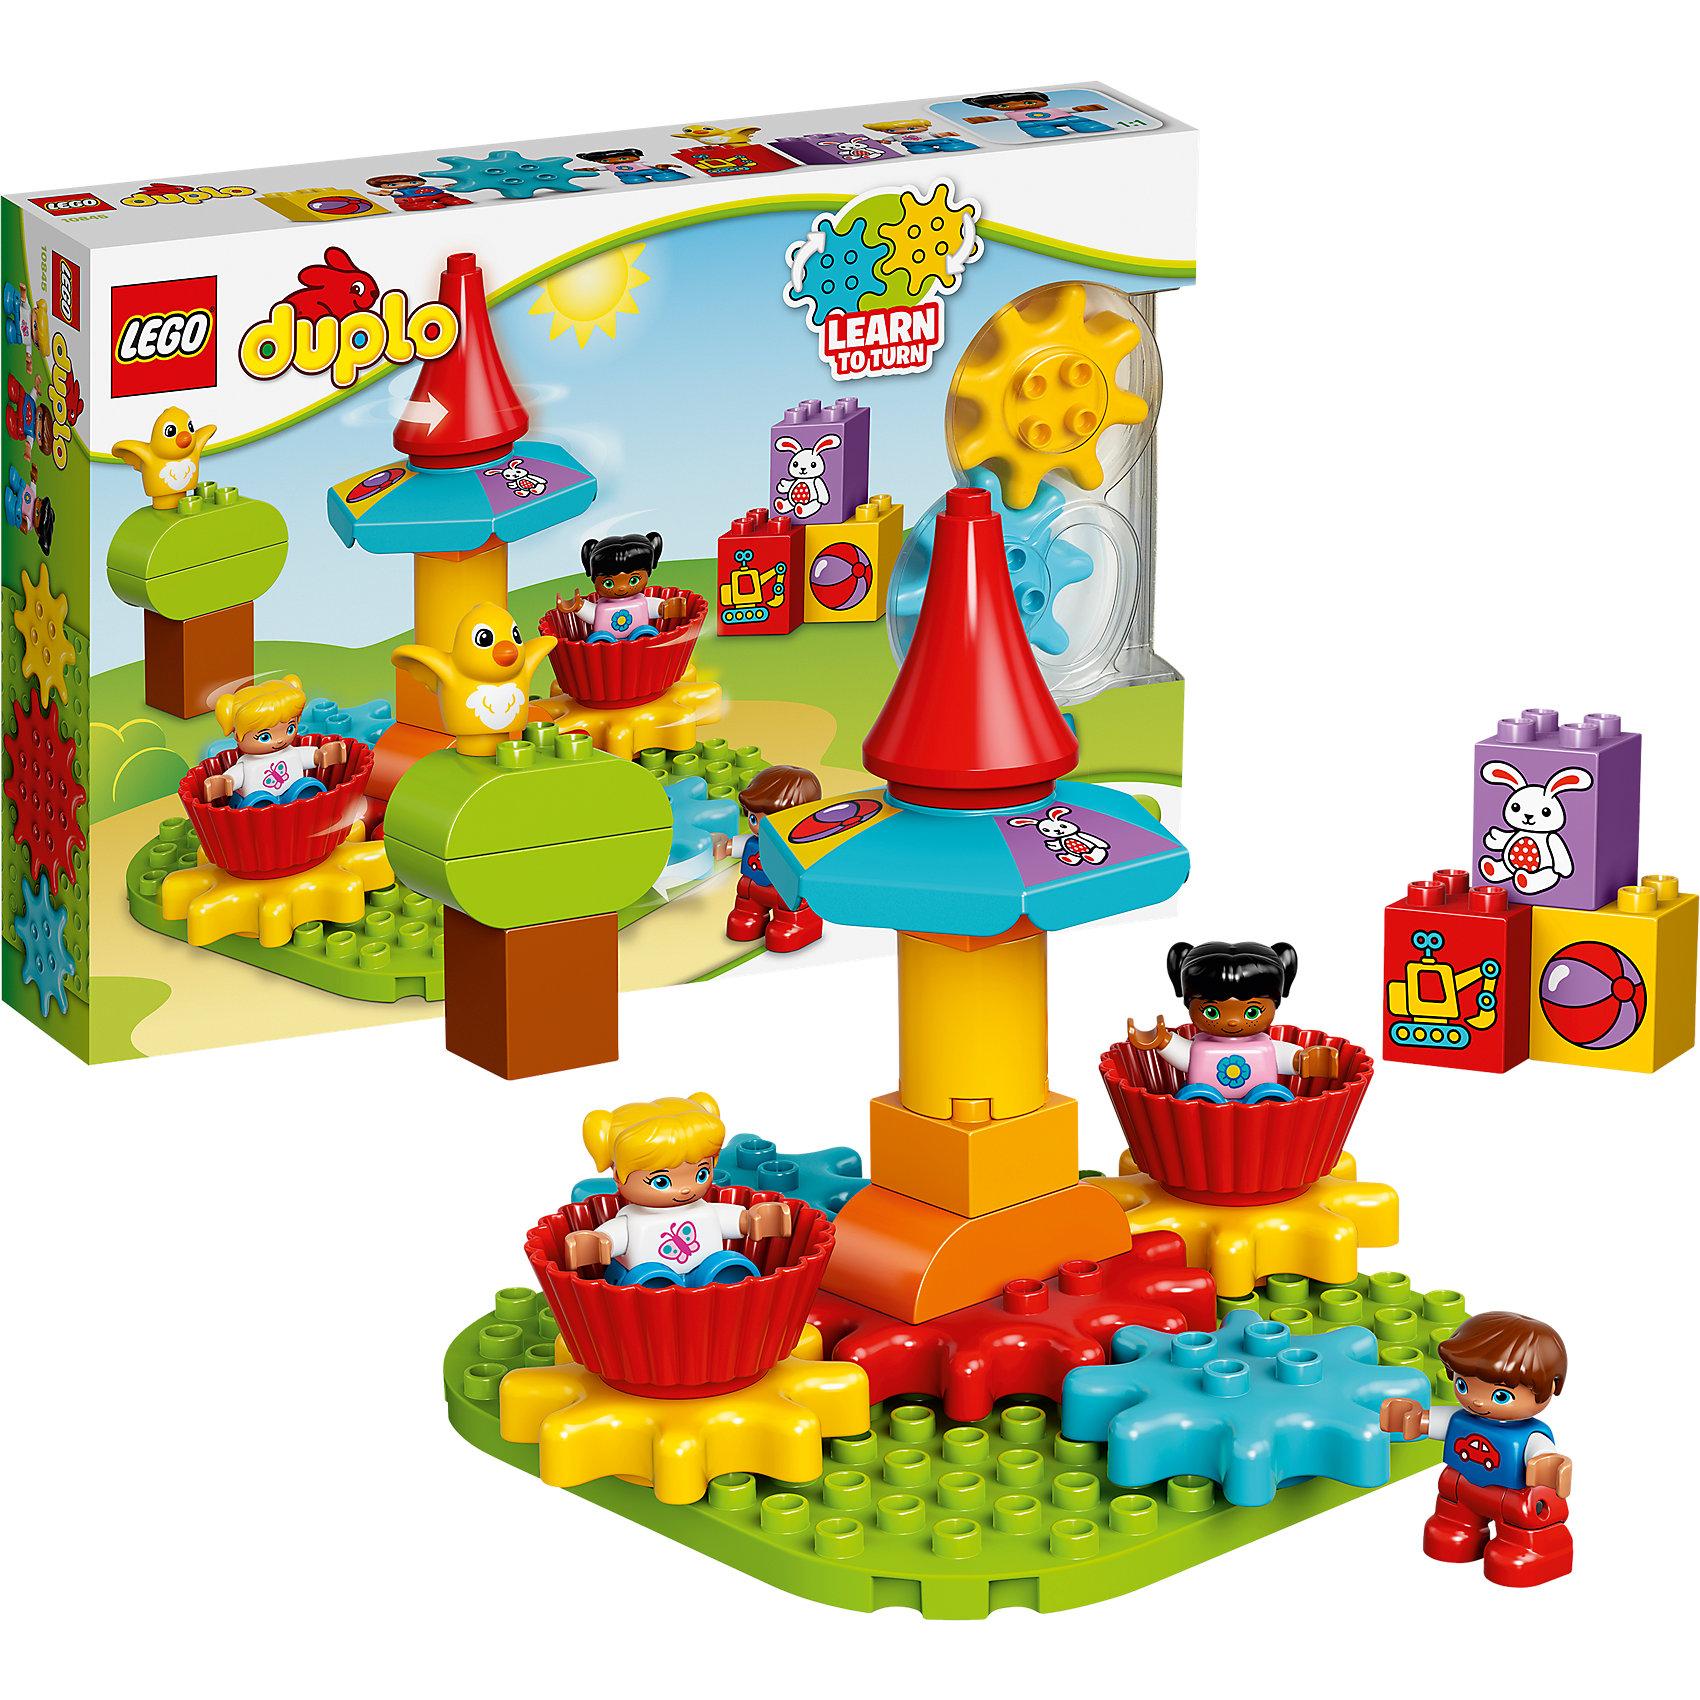 LEGO DUPLO 10845: Моя первая карусельLEGO DUPLO 10845: Моя первая карусель<br><br>Характеристики:<br><br>- в набор входит: детали, 3 фигурки детей, 1 фигурка птенца, аксессуары, инструкция<br>- состав: пластик<br>- количество деталей: 24<br>- для детей в возрасте: от 1,5 до 3 лет<br>- Страна производитель: Дания/Китай/Чехия/<br><br>Легендарный конструктор LEGO (ЛЕГО) представляет серию «DUPLO» (Д?пло) для самых маленьких. Крупные детали безопасны для малышей, а интересная тематика, возможность фантазировать, собирать из конструктора свои фигуры и играть в него приведут кроху в восторг! В этом шикарном наборе дети идут развлекаться в парк аттракционов. Яркая карусель с двумя чашами вращается при повороте голубой шестеренки. Три фигурки отлично детализированы и качественно прорисованы. Мальчик и две девочки радуются своим новым приключениям. В набор входят детали для дерева, фигурка птенца и три кубика с рисунками игрушек. Этот набор станет отличным приобретением для малышей, ведь его можно крутить. Играя с этим конструктором дети смогут моделировать ситуации, фантазировать, развивать логику, причинно-следственные связи, моторику ручек и создавать новые фигуры. <br><br>Конструктор LEGO DUPLO 10845: Моя первая карусель можно купить в нашем интернет-магазине.<br><br>Ширина мм: 386<br>Глубина мм: 261<br>Высота мм: 73<br>Вес г: 648<br>Возраст от месяцев: 12<br>Возраст до месяцев: 36<br>Пол: Унисекс<br>Возраст: Детский<br>SKU: 5002512